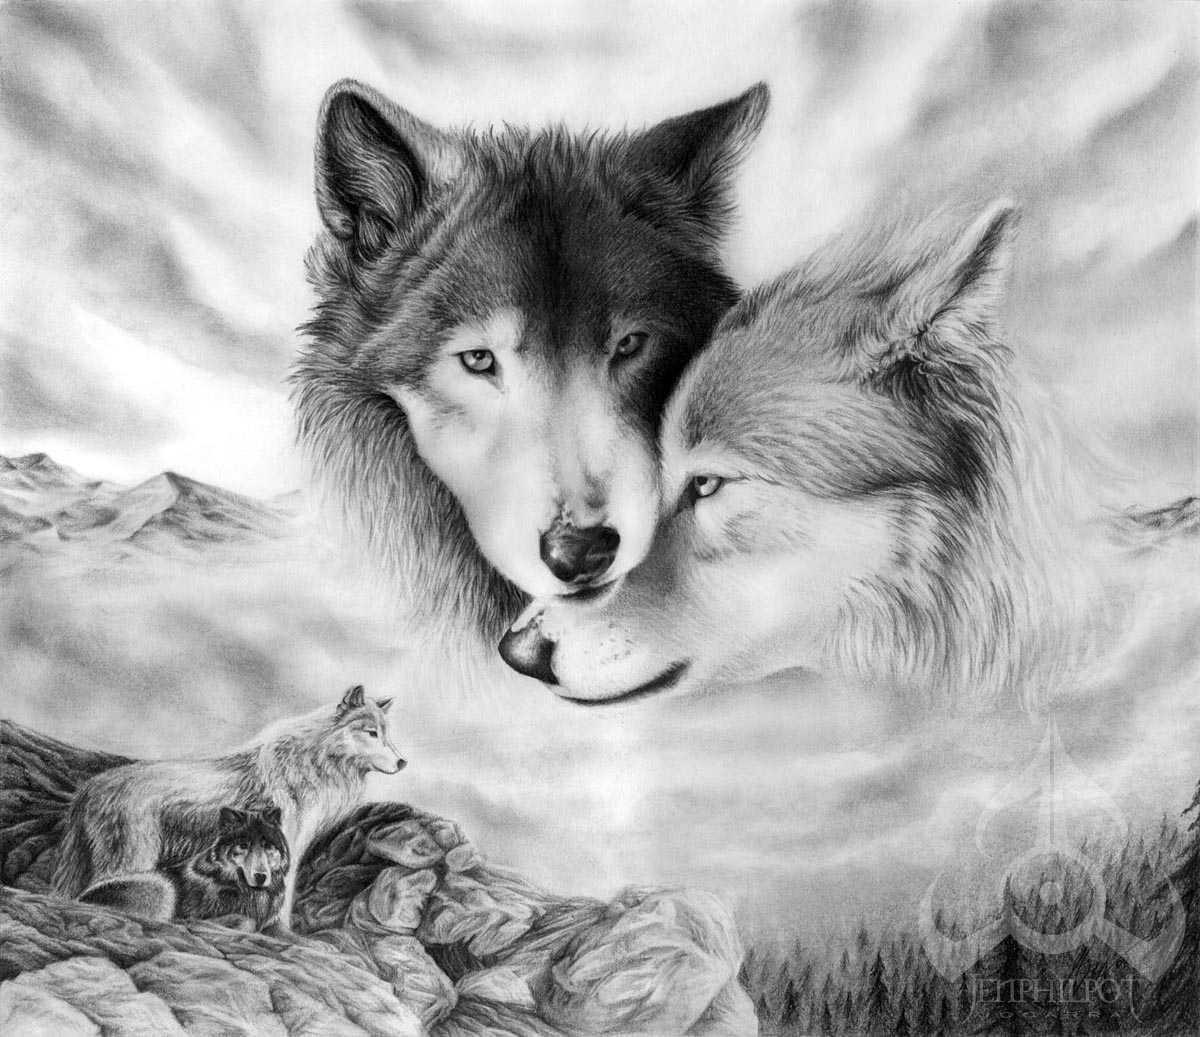 Espero-este-sea-mejor-recibido-son-imagenes-de-lobos-dibujos-algunos